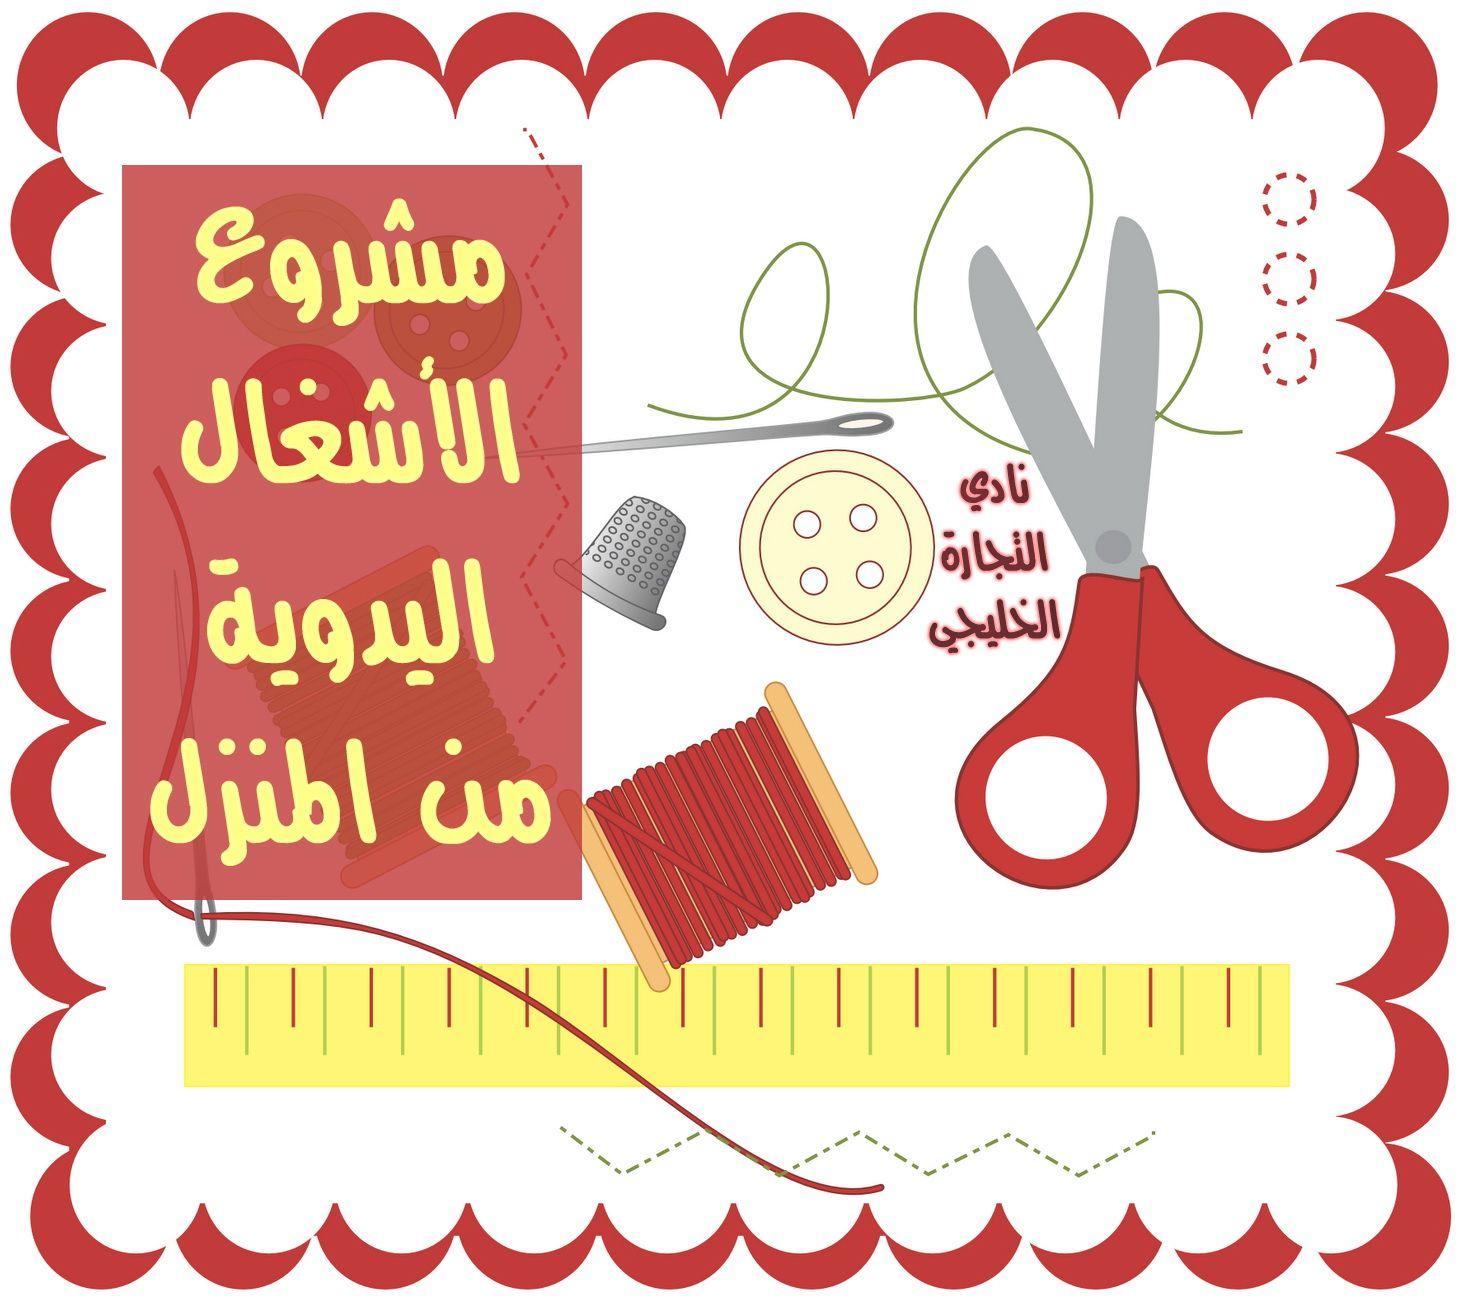 مشاريع نسائية 4 أفكار مشاريع نسائية من المنزل في السعودية نادي التجارة الخليجي Working From Home Letters Symbols